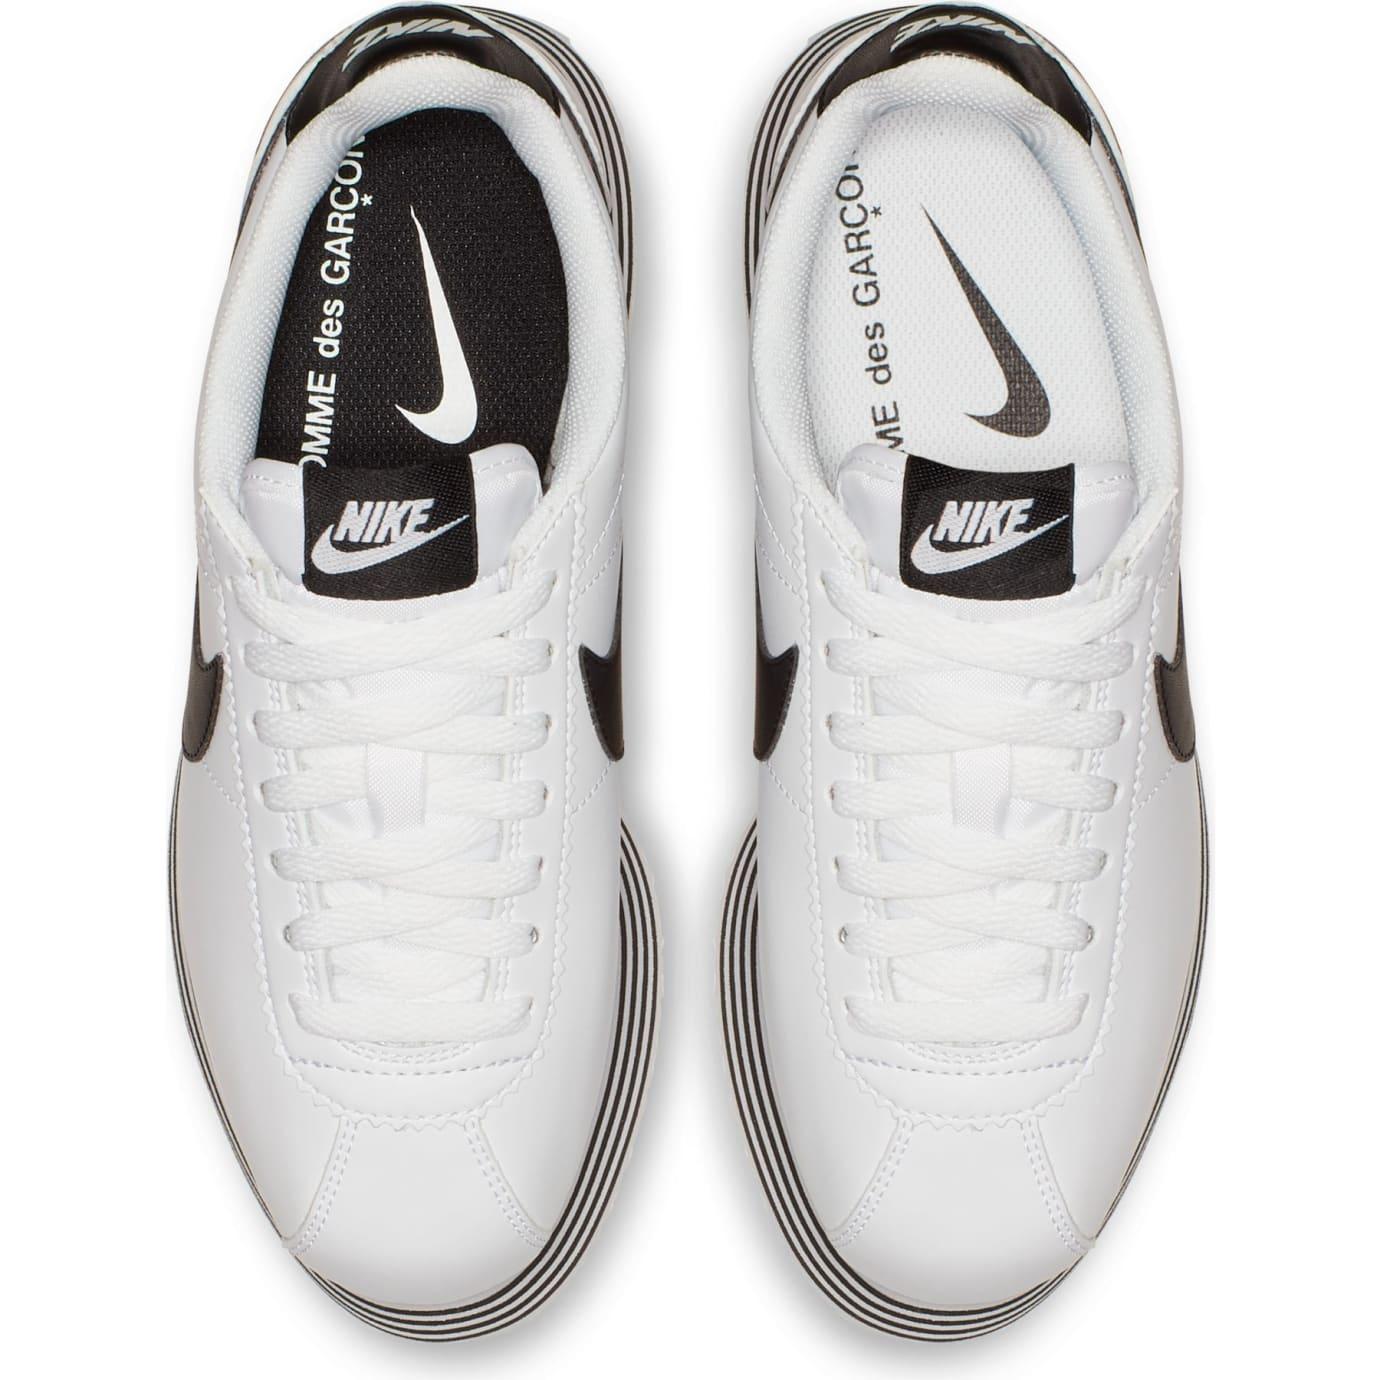 Comme des Garcons x Nike Cortez WMNS (Top)